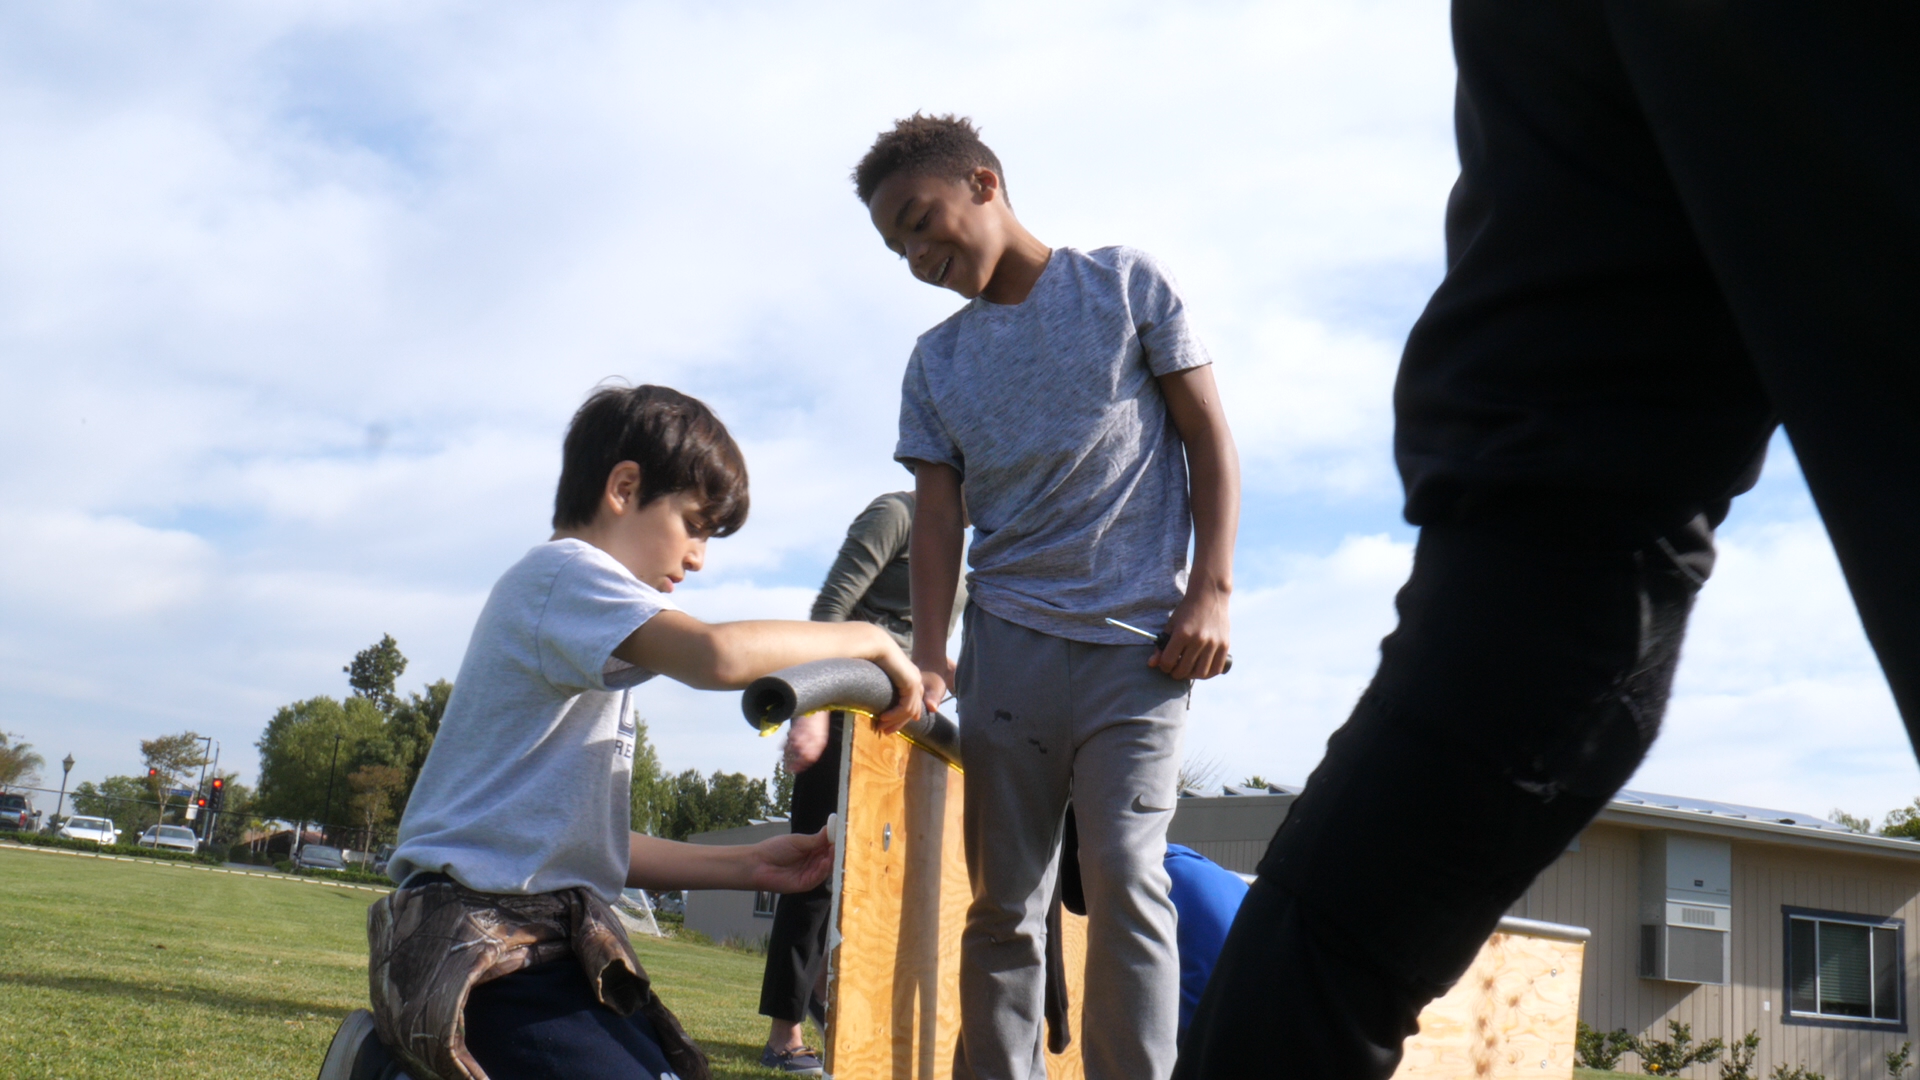 文艺复兴中学的学生在一个建筑项目上合作.